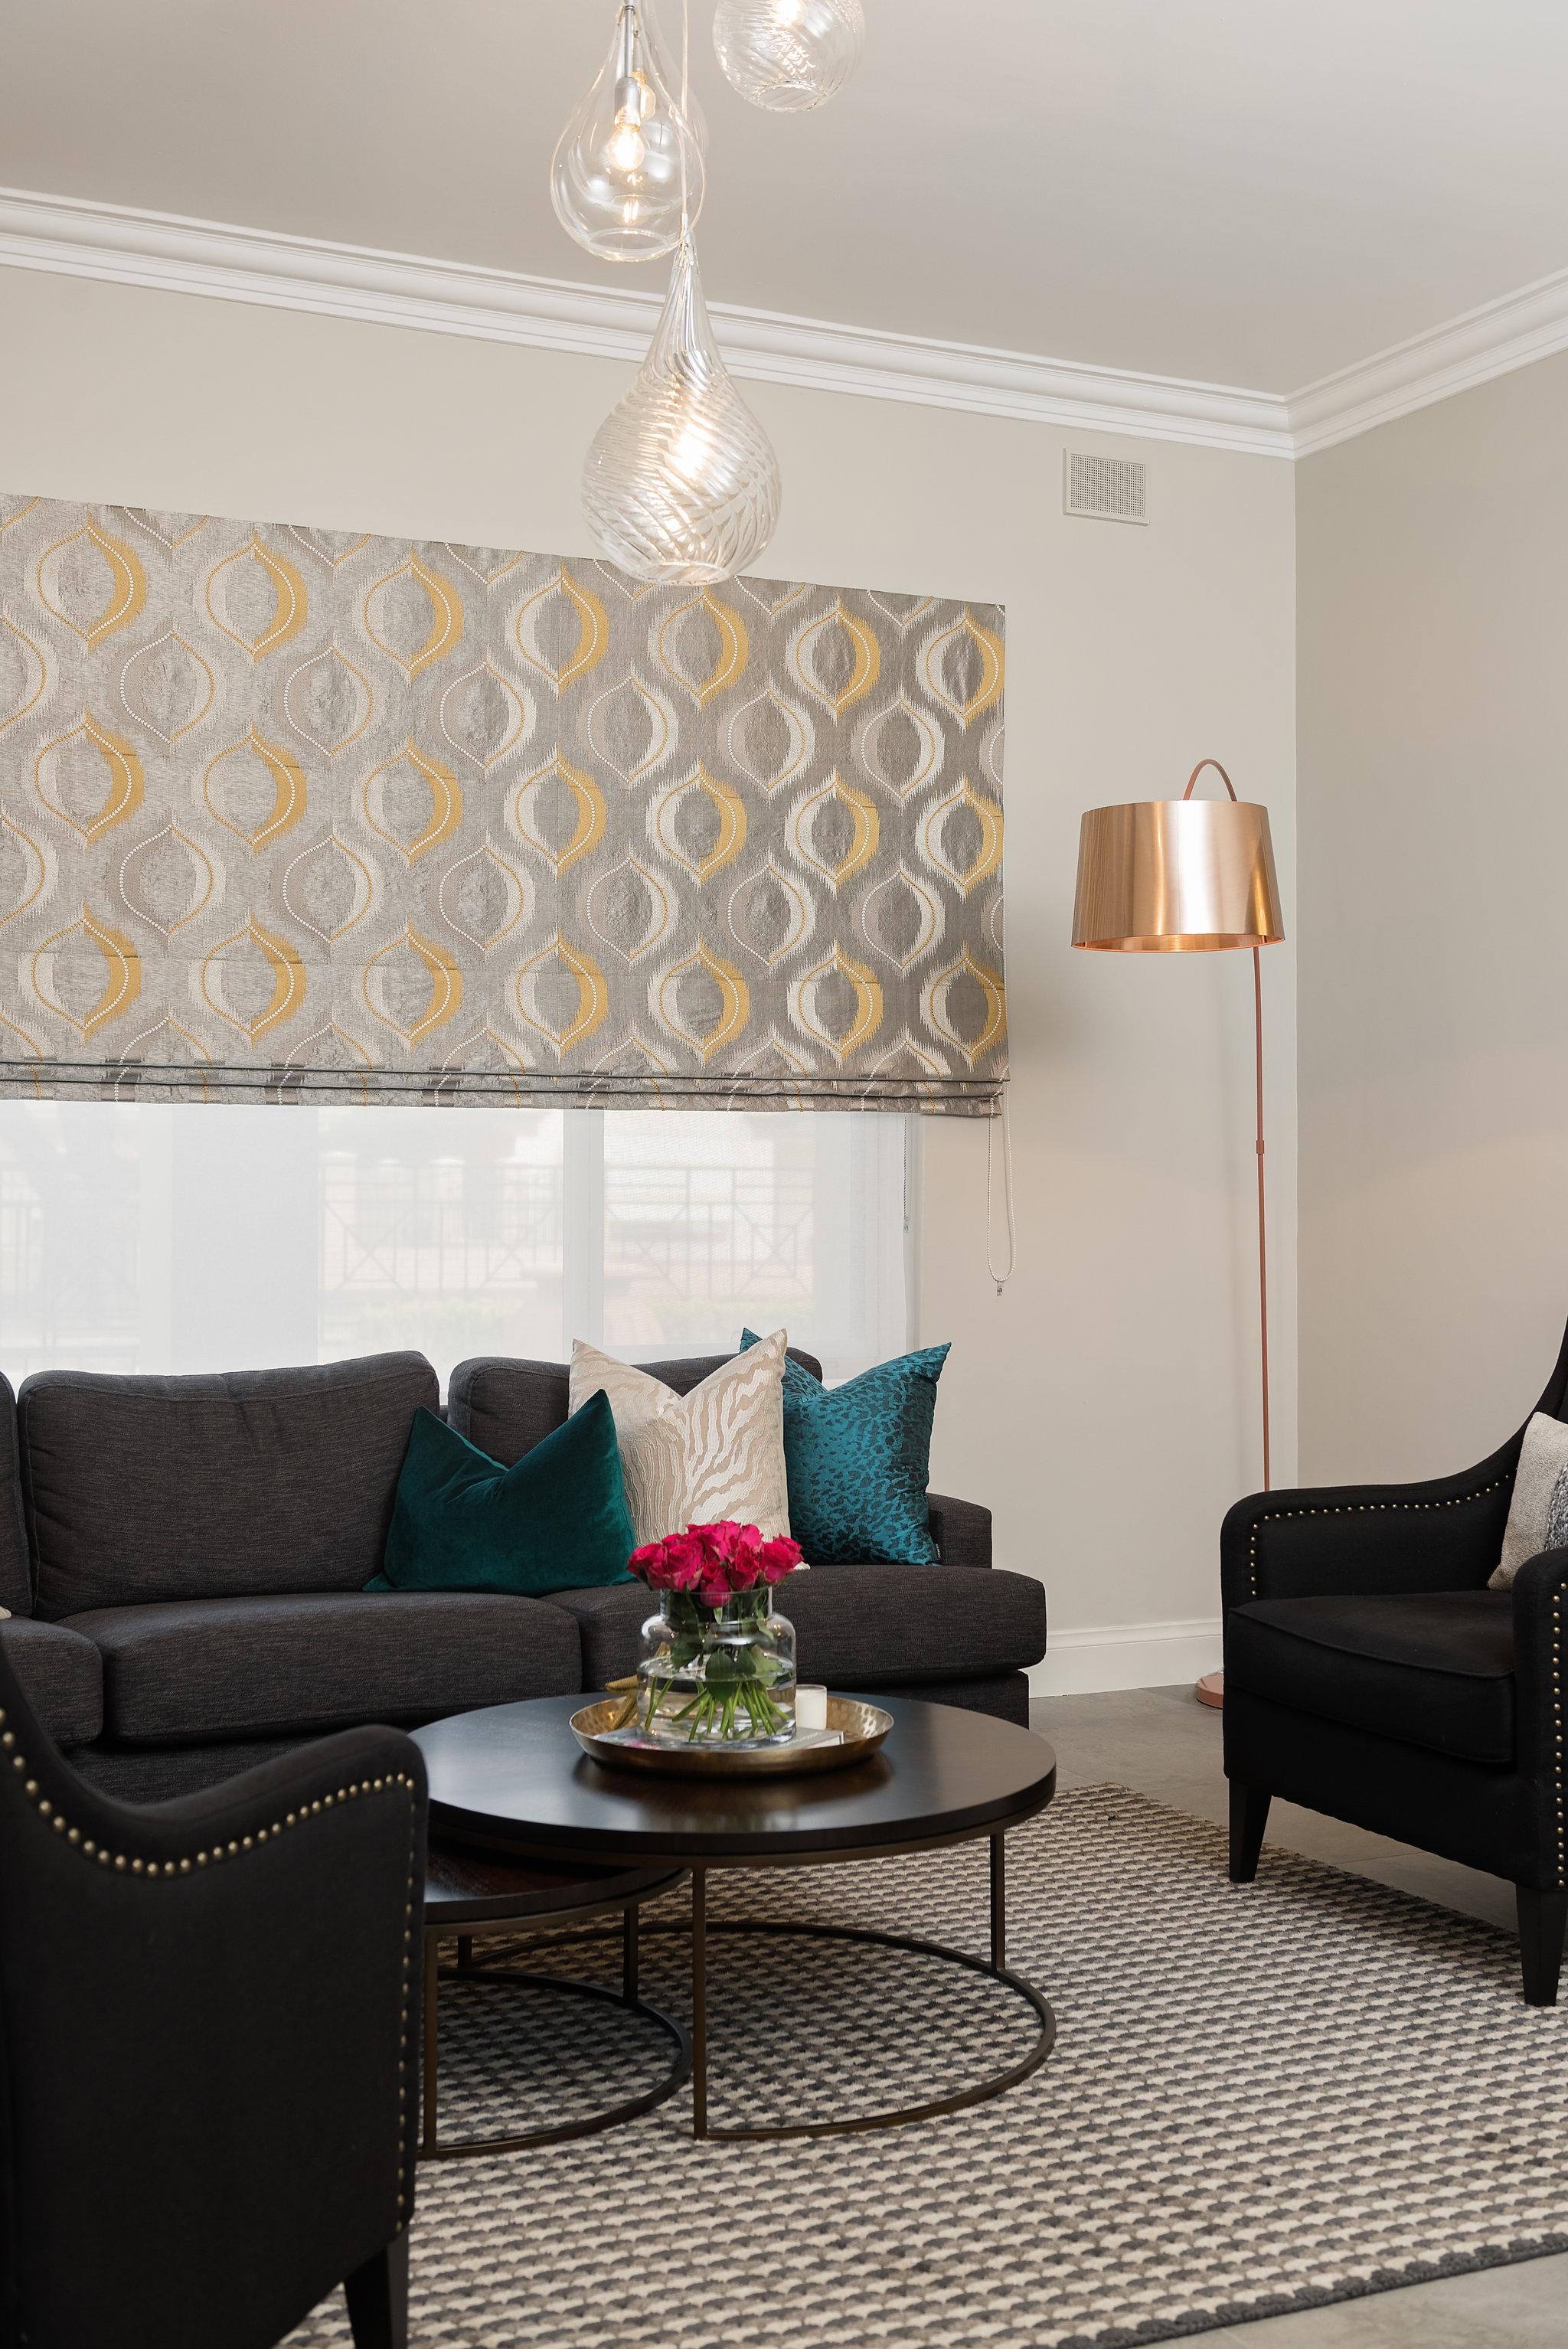 Ferryden Park Lounge Room Design